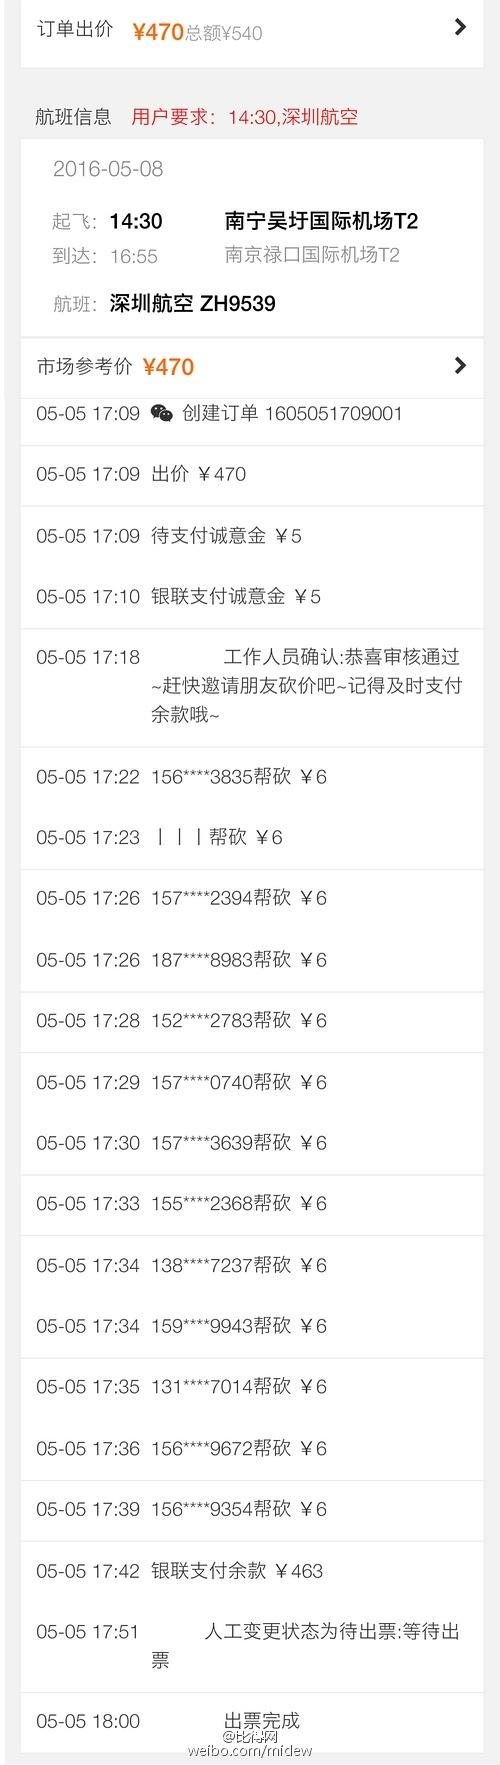 6月15日前有效:四川航空10-30元机票优惠码